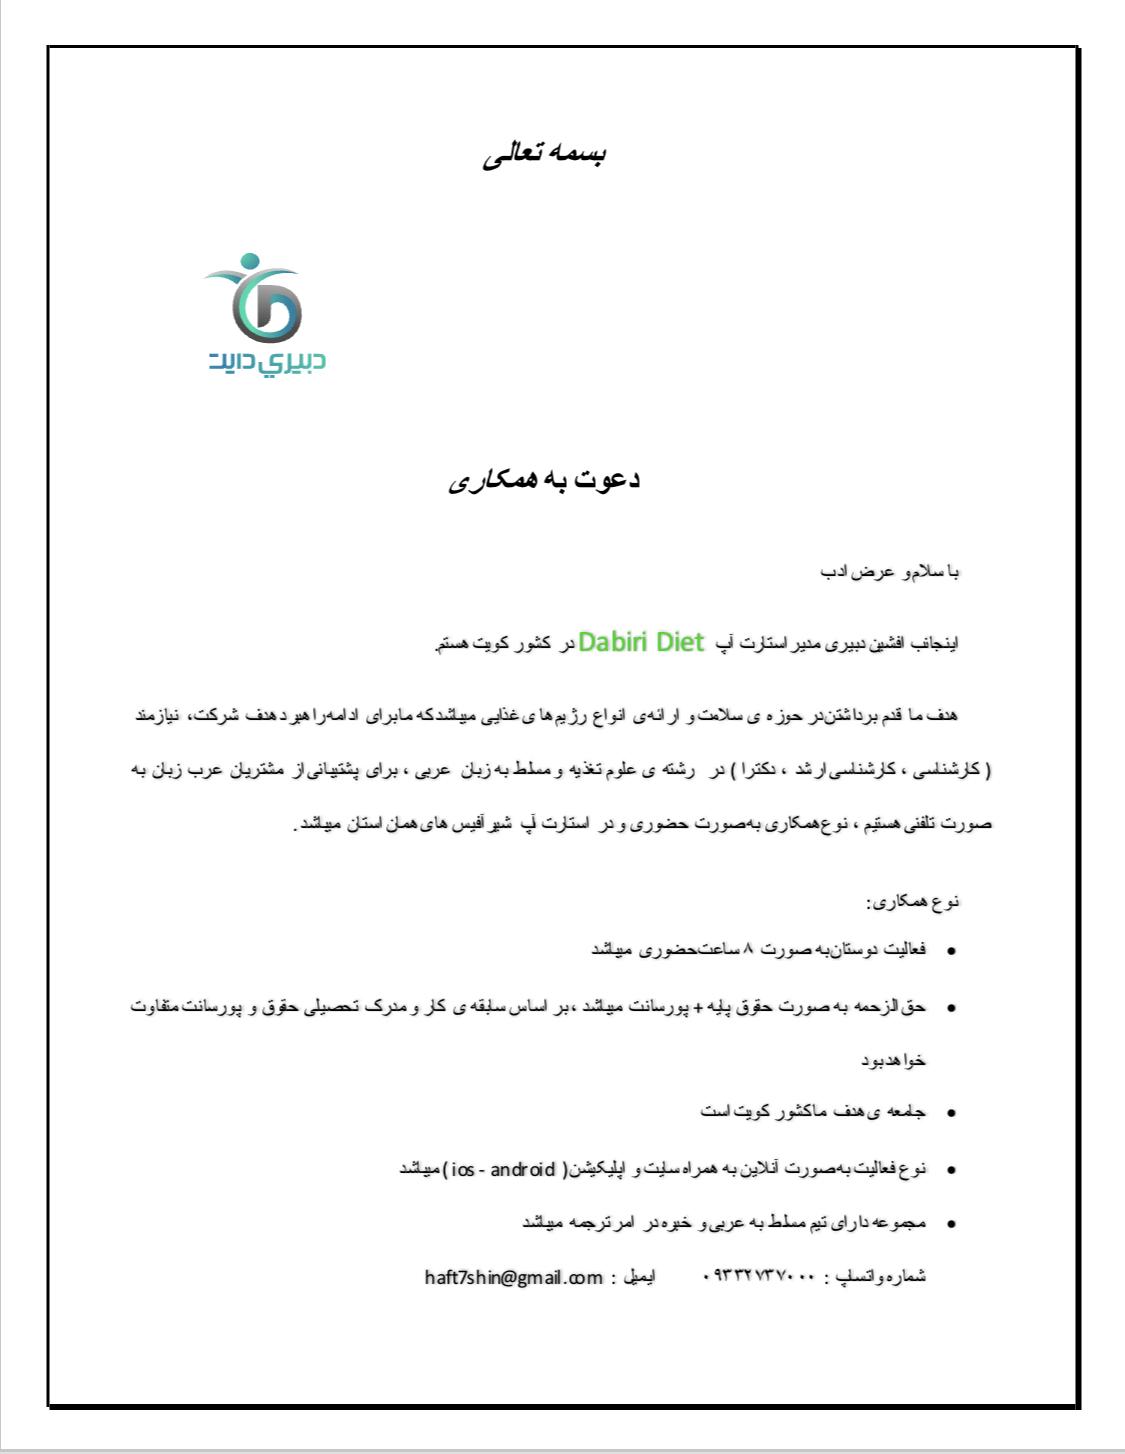 دعوت به همکاری کارشناس – کارشناس ارشد – دکترای تغذیه عرب زبان